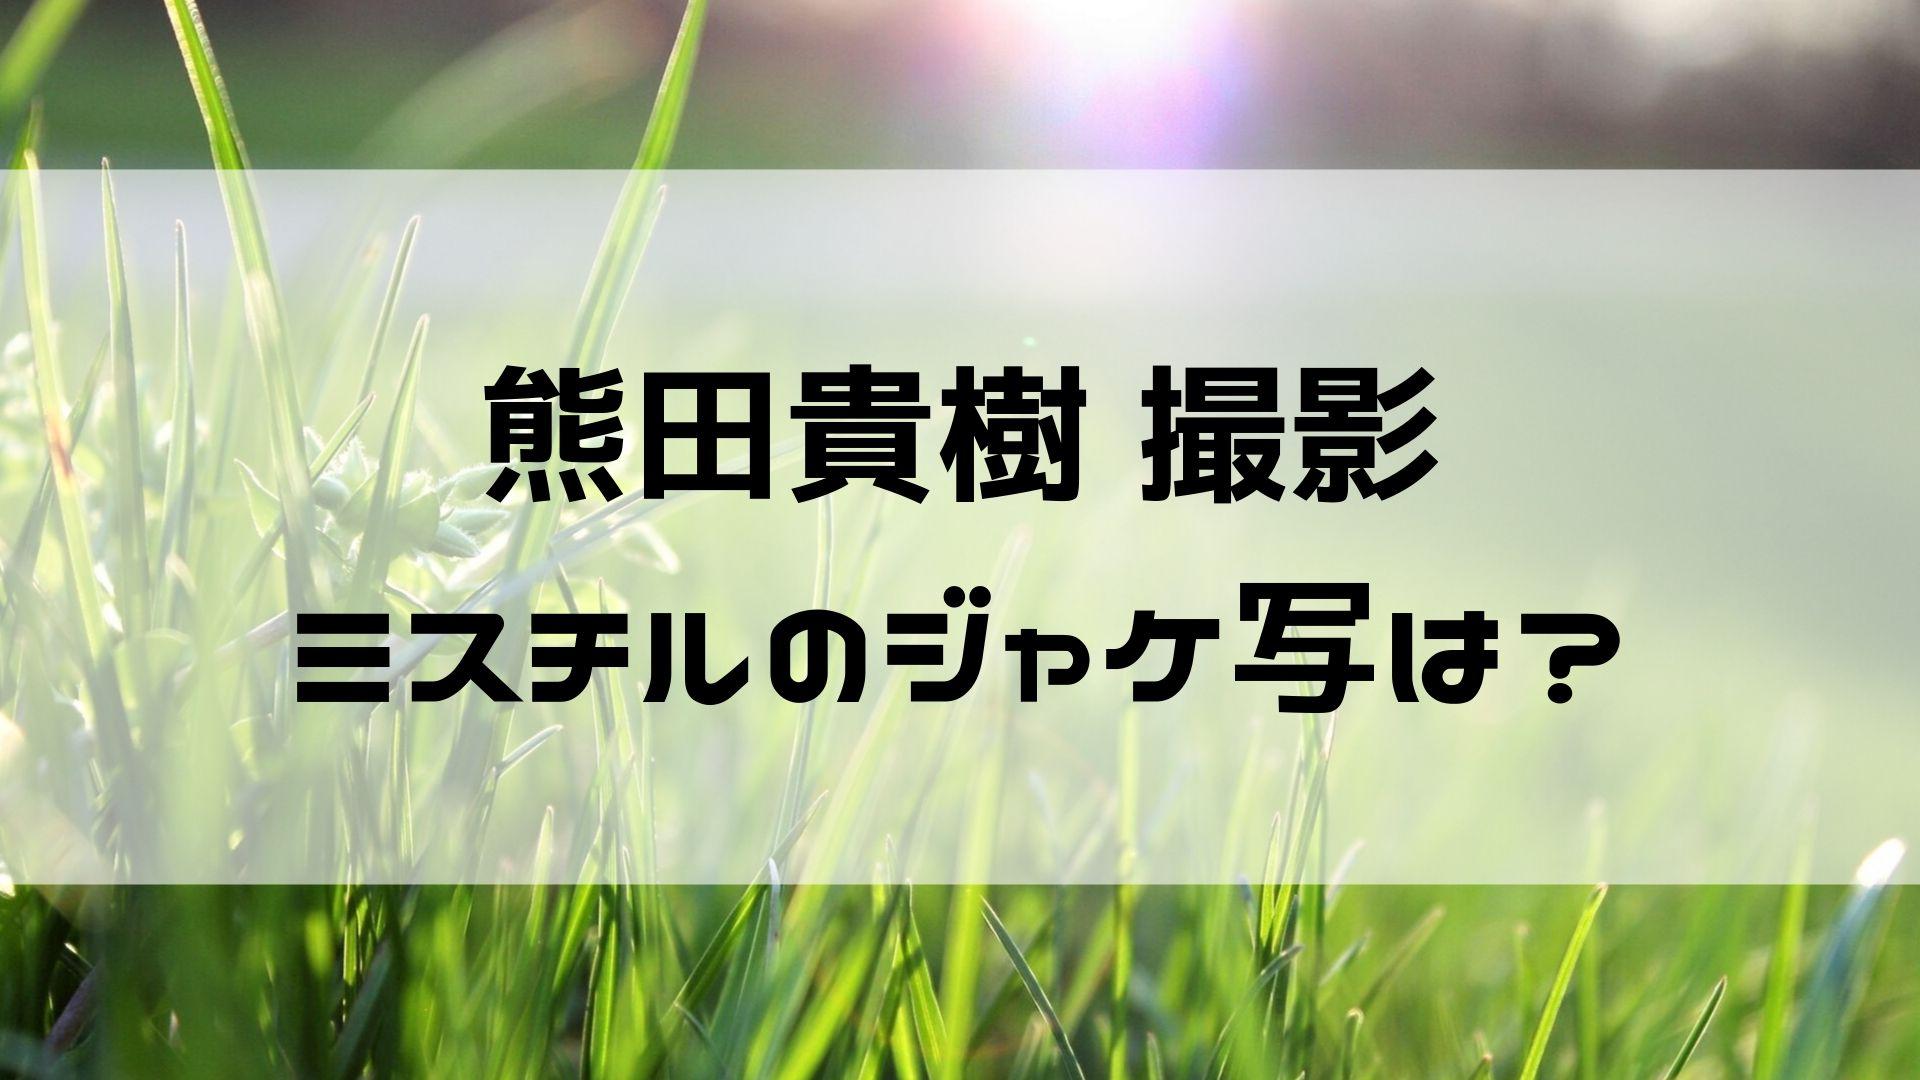 熊田貴樹 画像